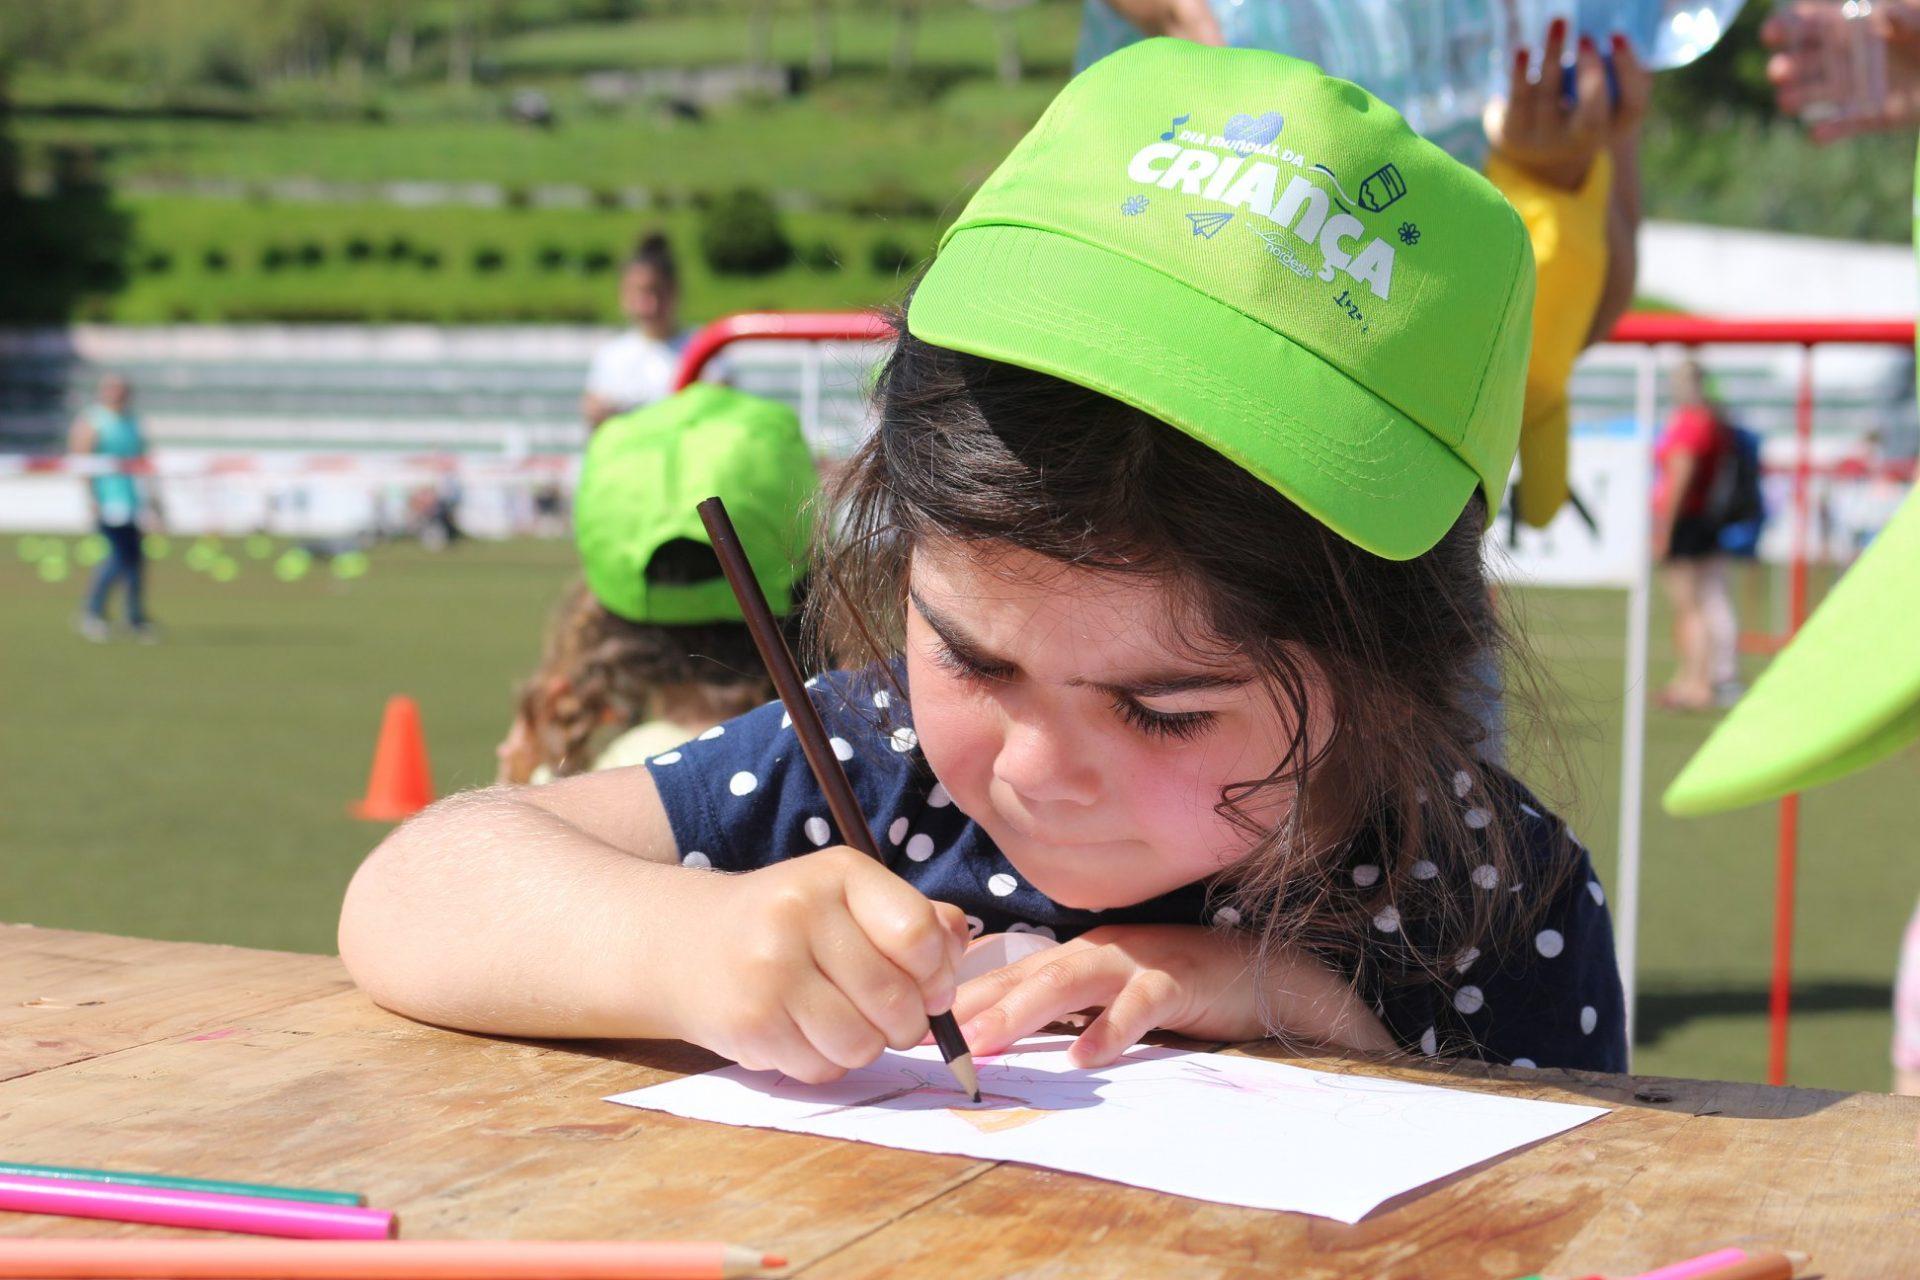 Dia Mundial da Criança 2019 - 31 maio de 2019